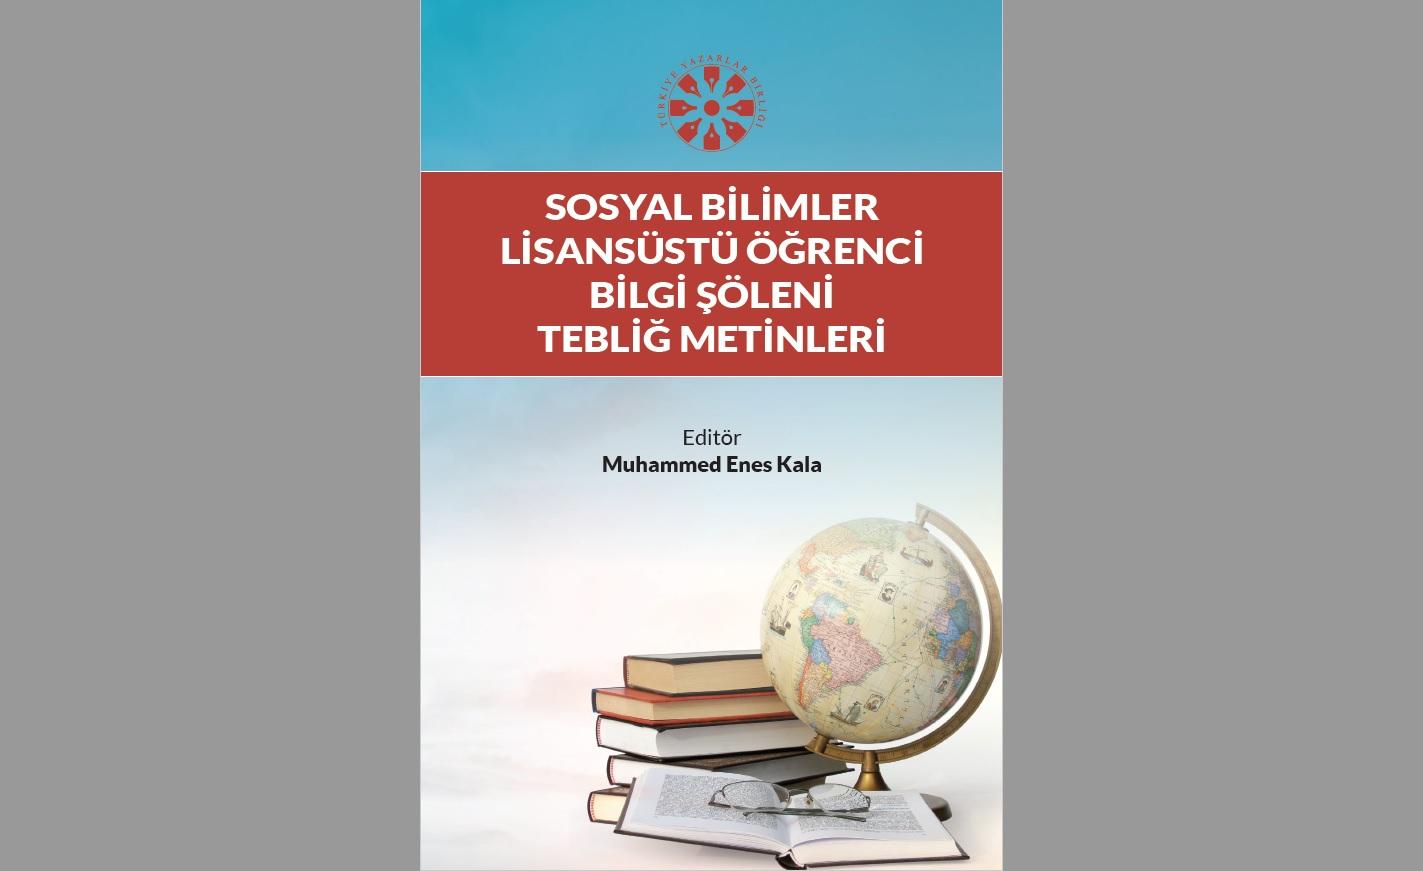 'Sosyal Bilimler Öğrenci Bilgi Şöleni' kitaplaştırıldı